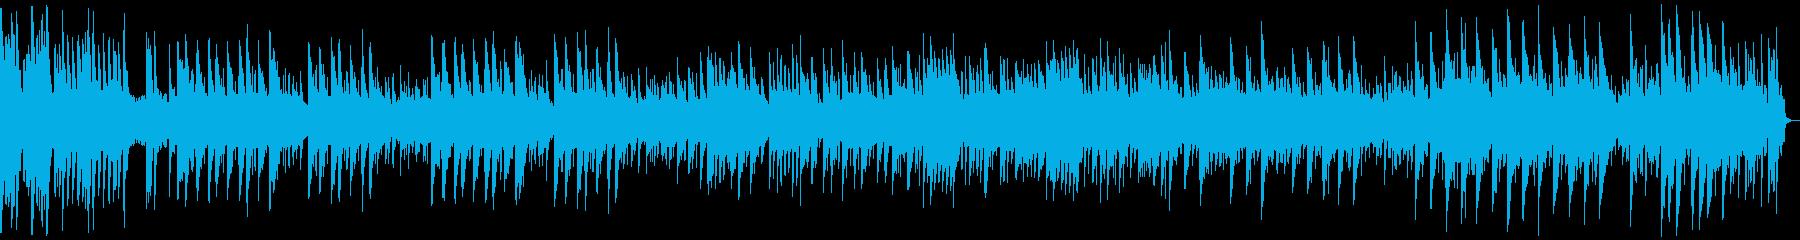 8bit ファンタジーな大海原をイメージの再生済みの波形